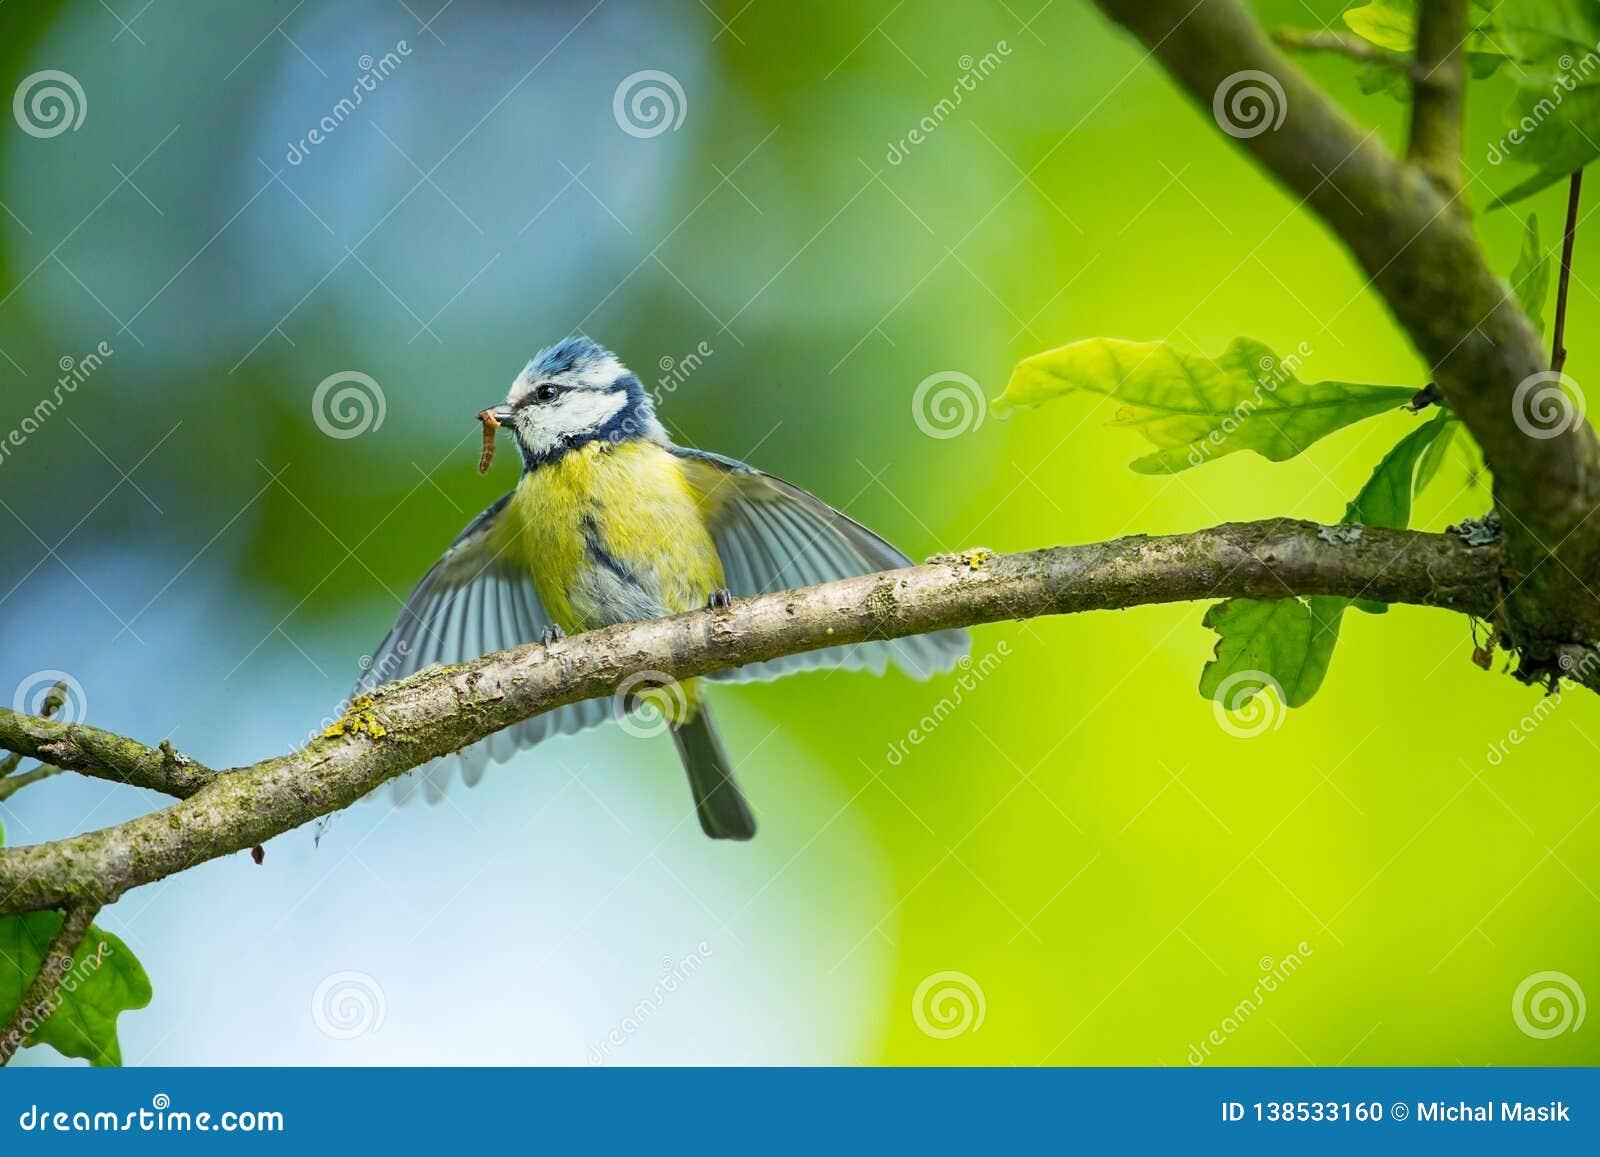 Cyanistes-caeruleus wildnis E Schöne Abbildung Freie Natur Vom Vogelleben Frühling Blauer Vogel